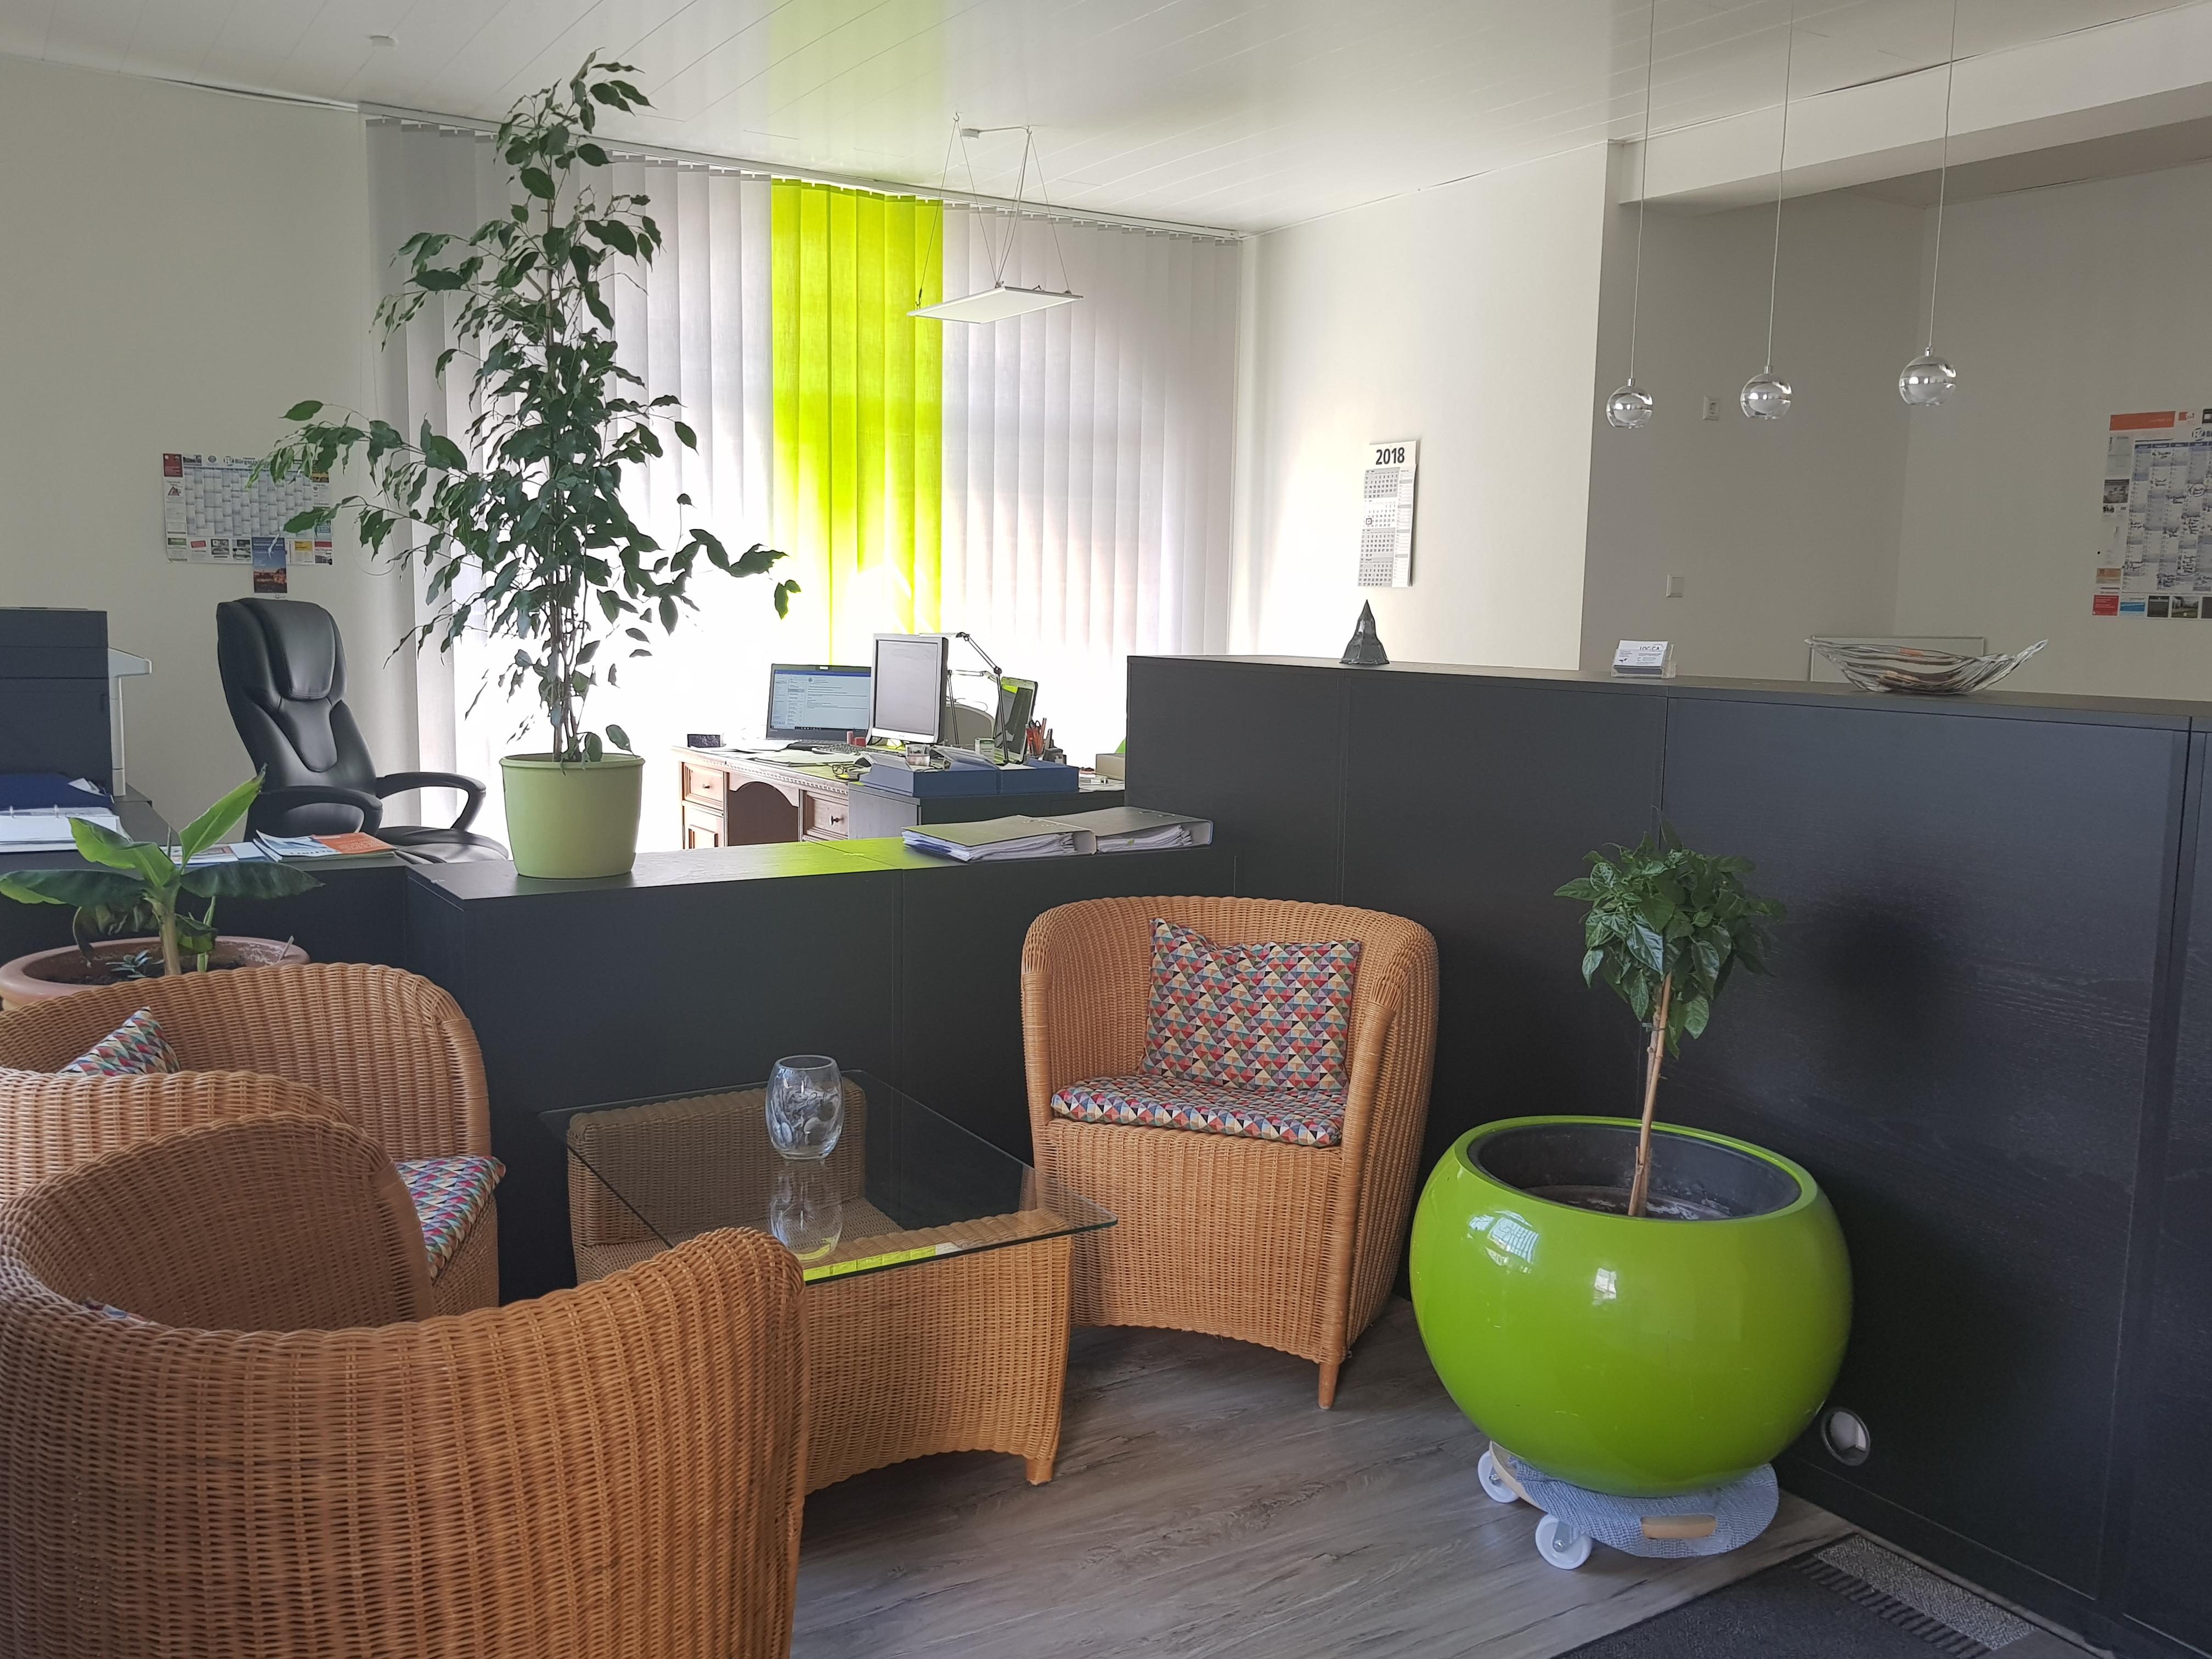 Büro -2-.jpg